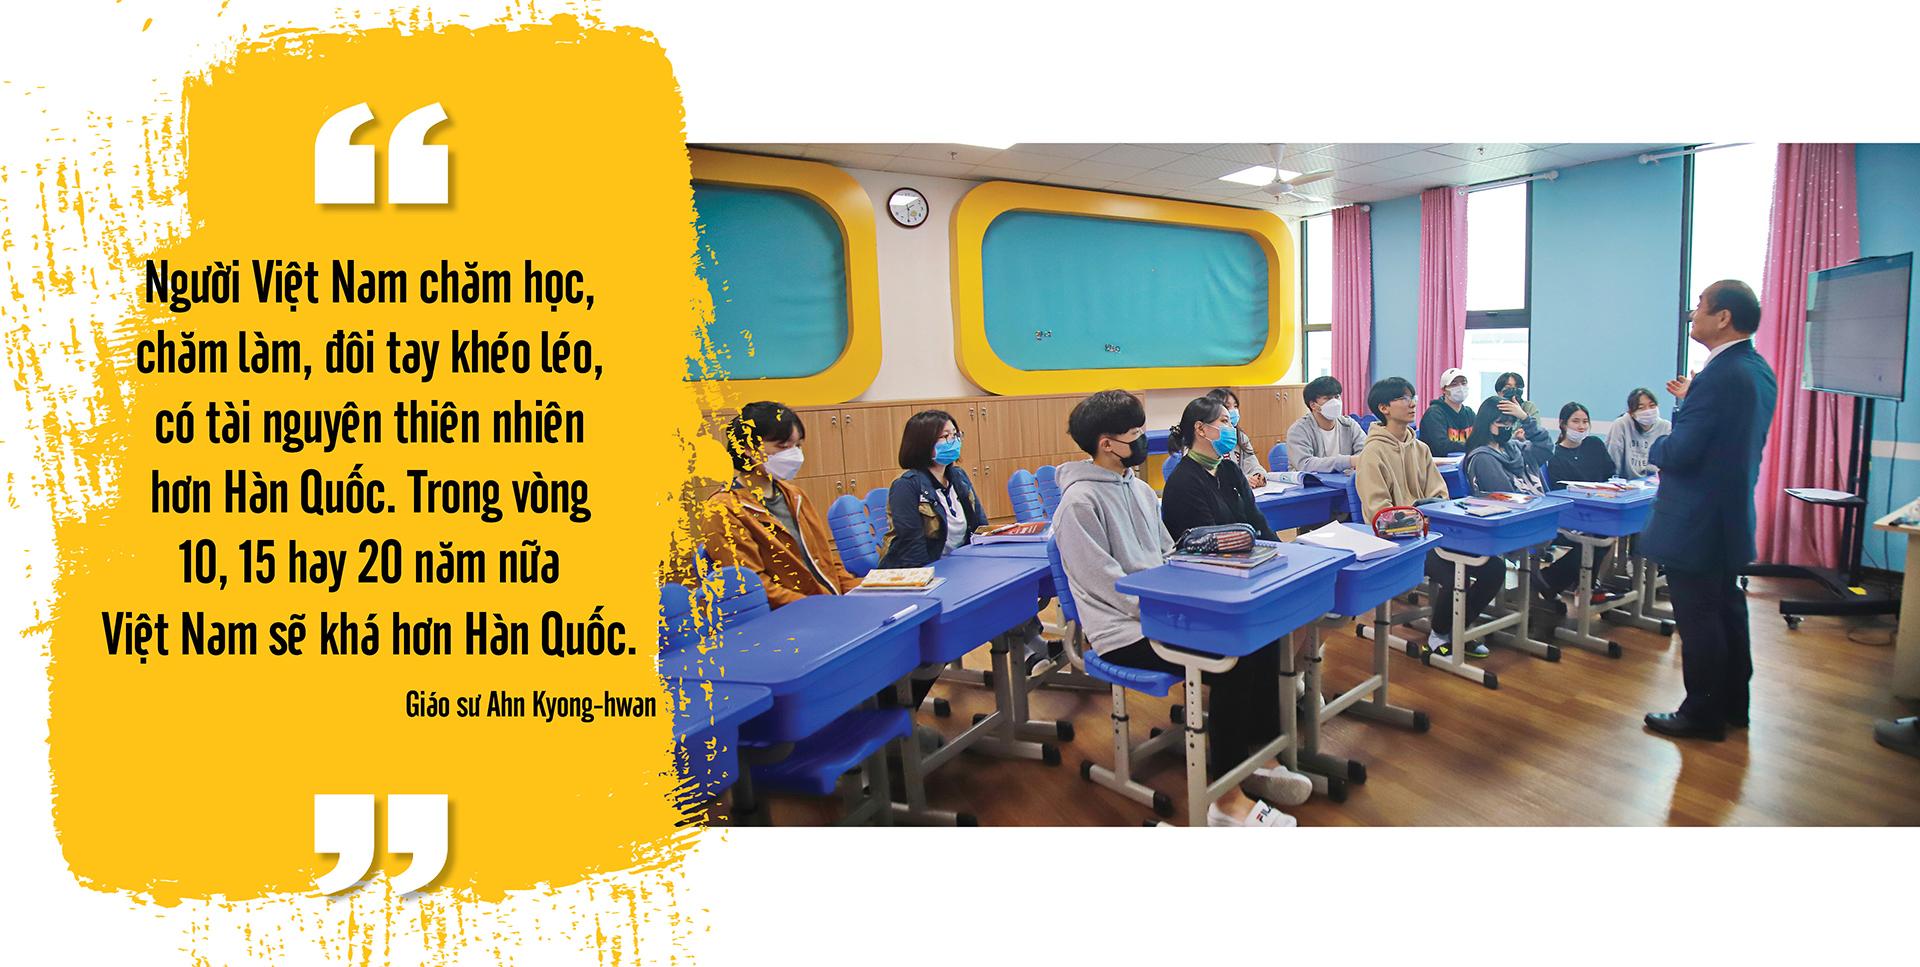 """Giáo sư Ahn Kyong-hwan: Những giá trị của """"Nhật ký trong tù"""" cần được lan tỏa mãi mãi - Ảnh 17."""